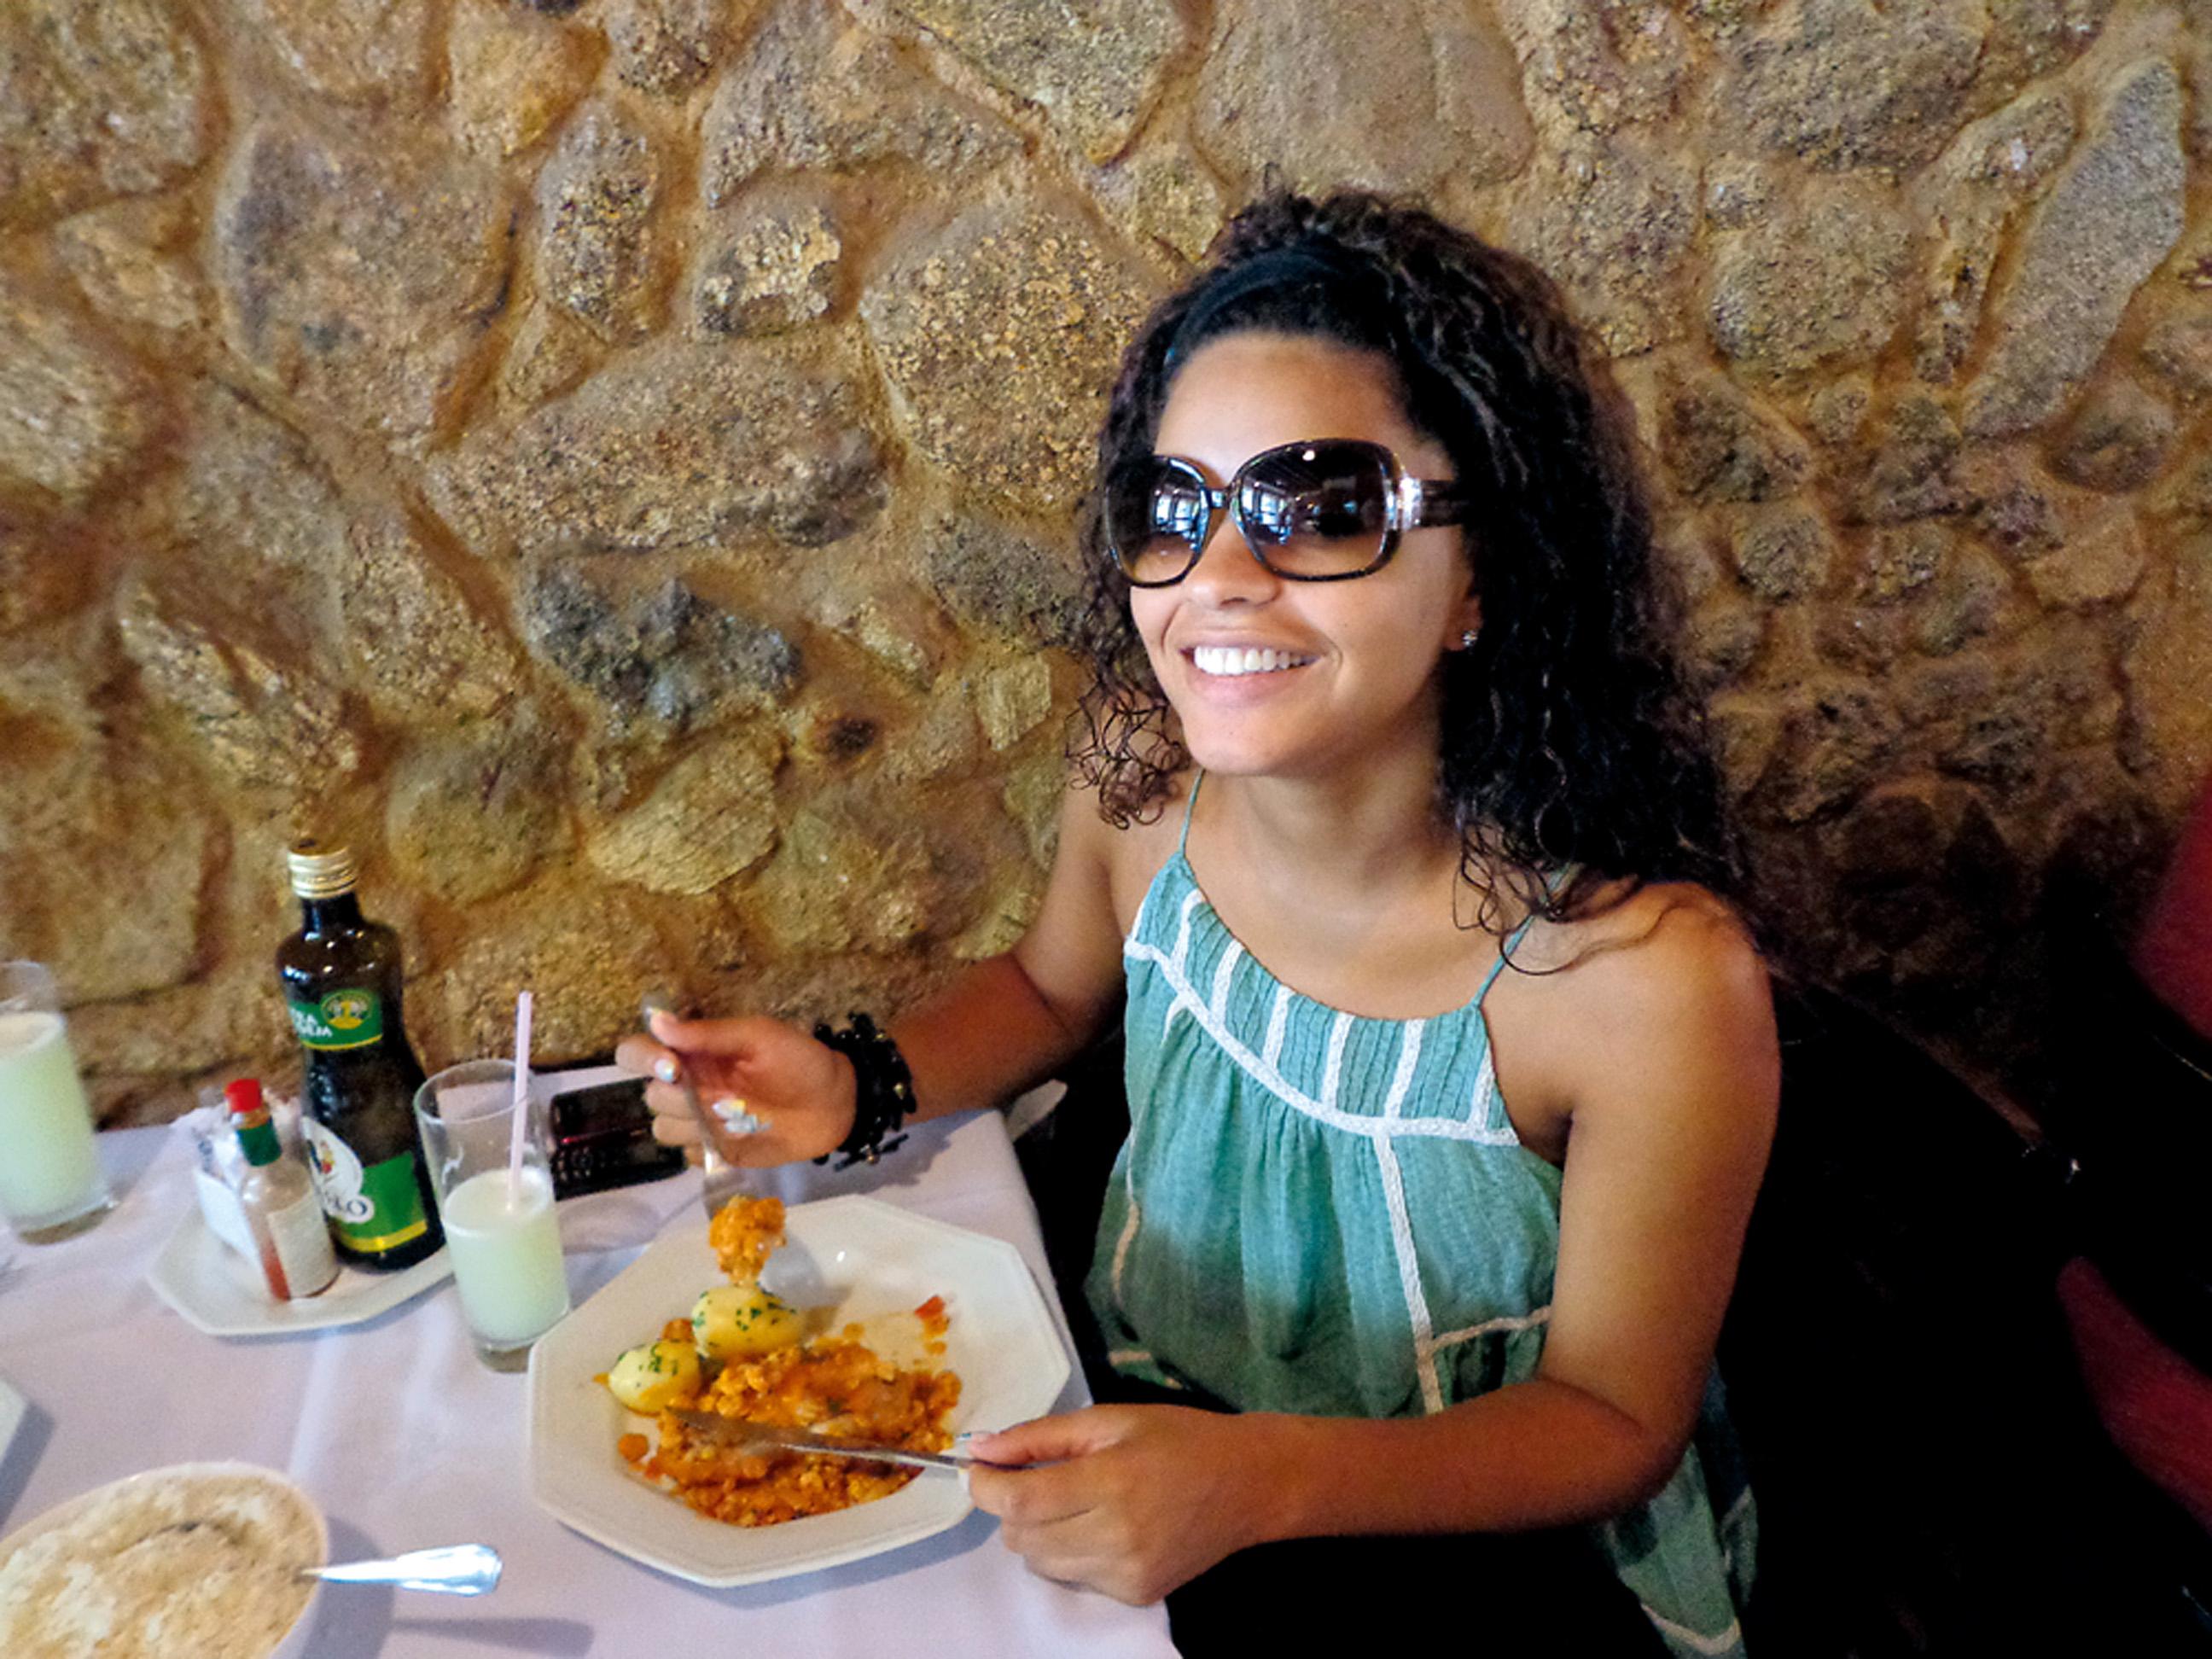 12:45 - No almoço, prefiro arroz integral, peixe ou frango, nada de carne vermelha. Hoje a tarde é livre, então...